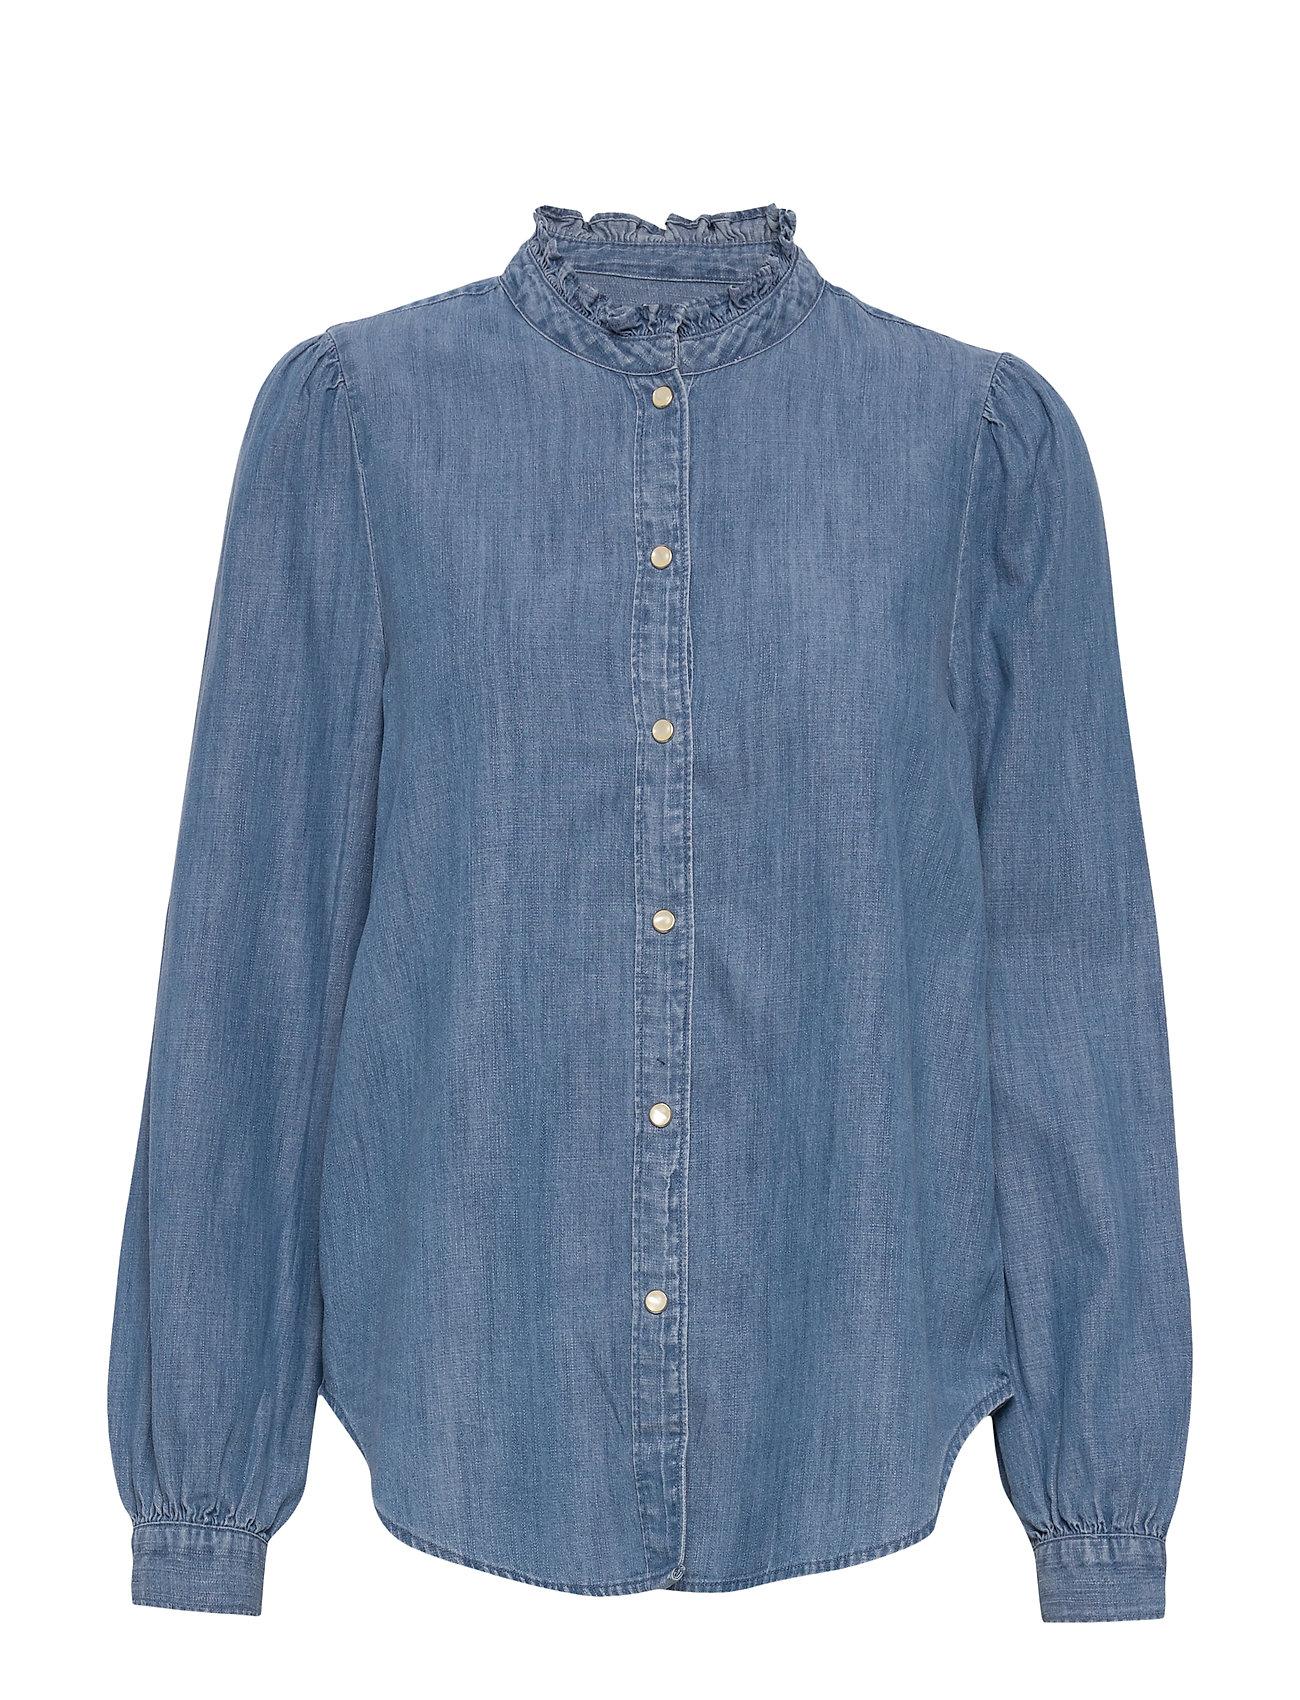 GAP Denim Ruffle-Neck Shirt - LIGHT INDIGO 6